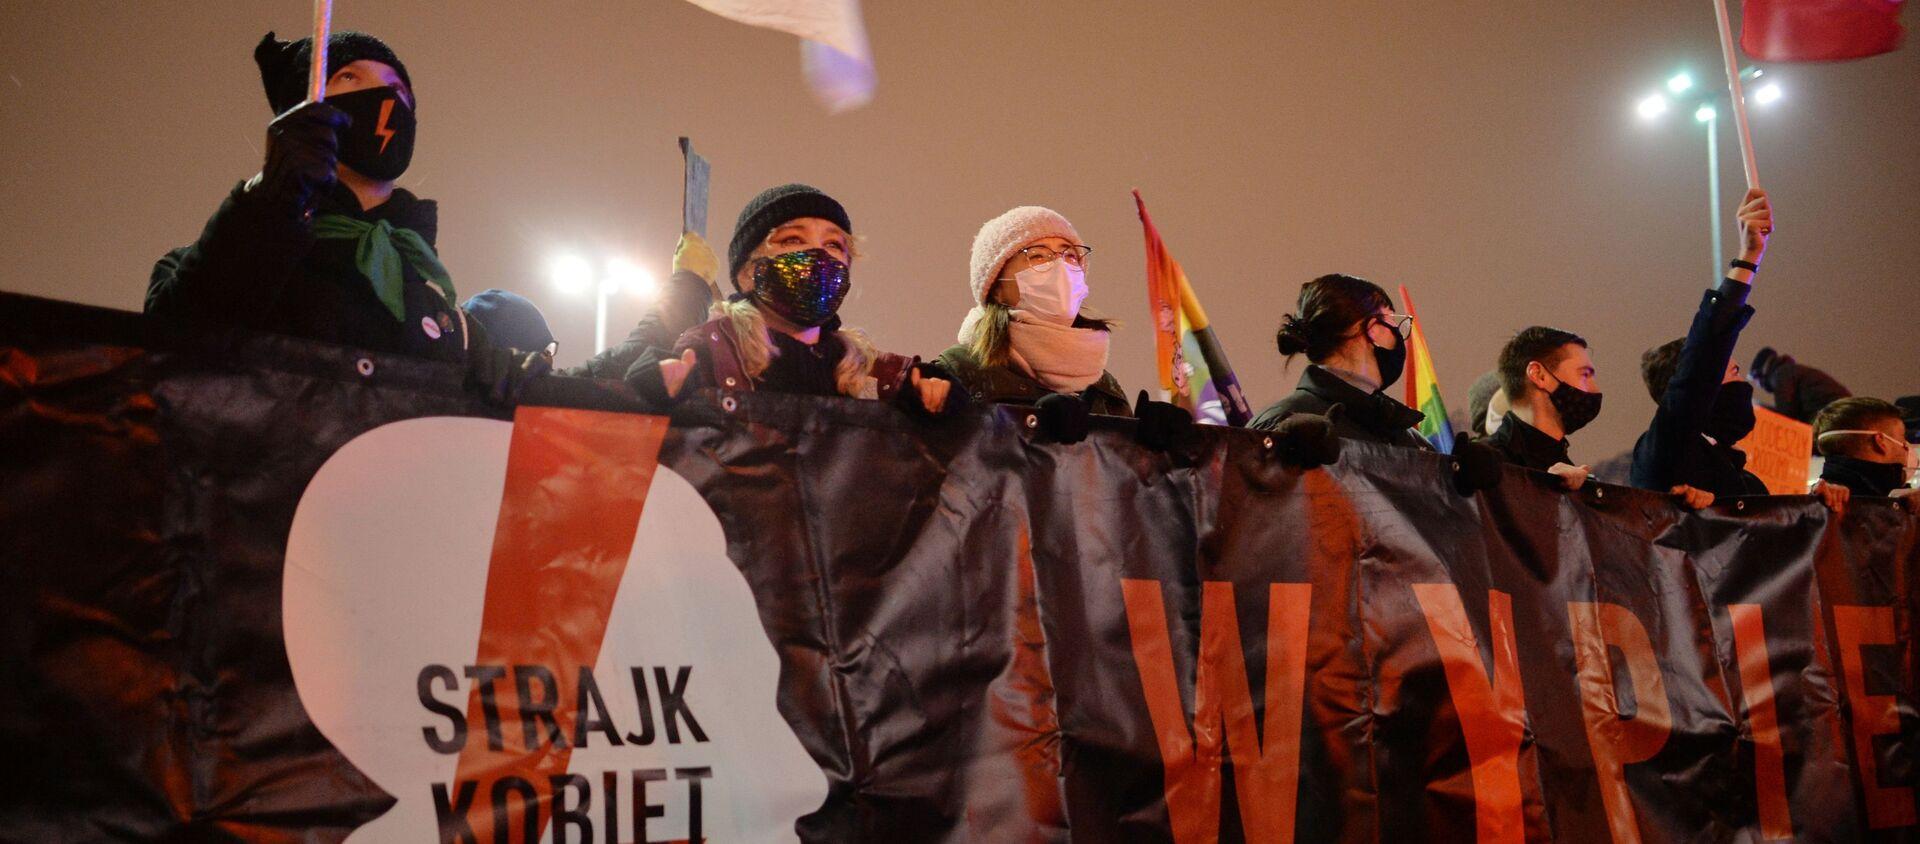 Demonstracje w Polsce 28 stycznia przeciwko zmianom w prawie aborcyjnym - Sputnik Polska, 1920, 08.03.2021